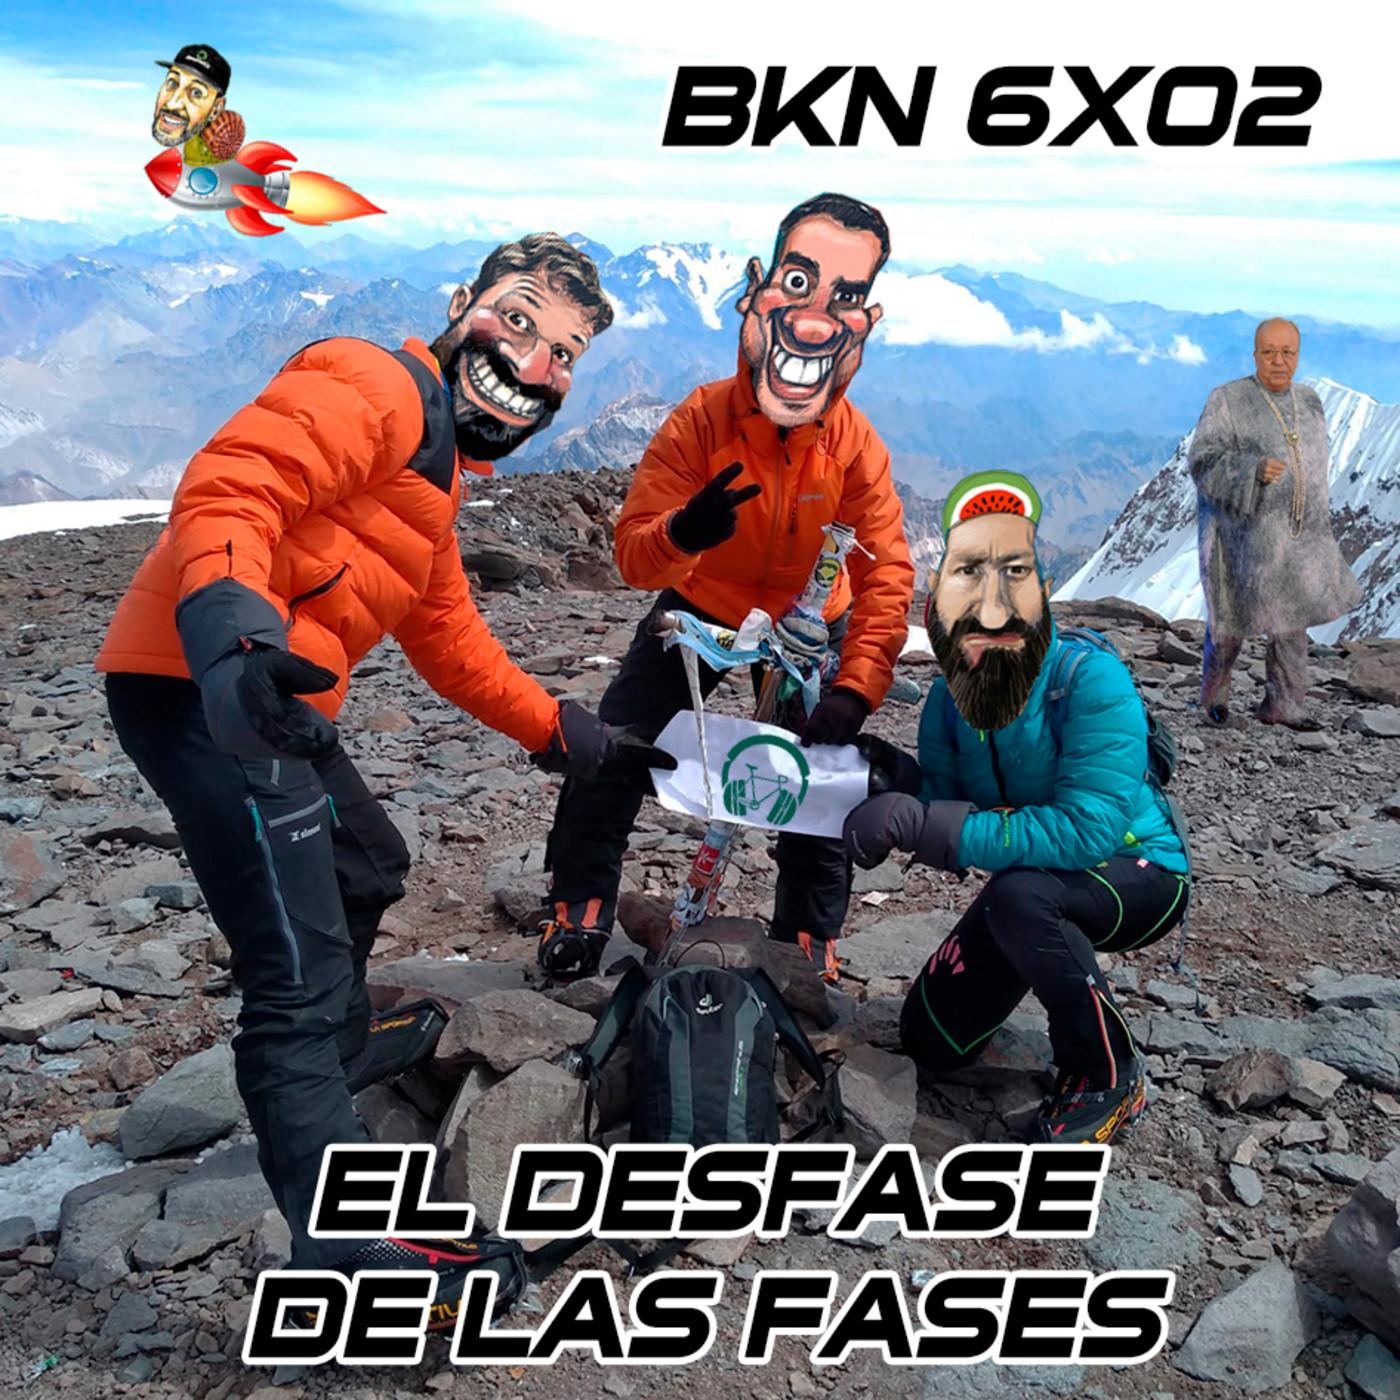 BKN 6x02 Los desfases de las fases. Pura Vida, F1 y Climax